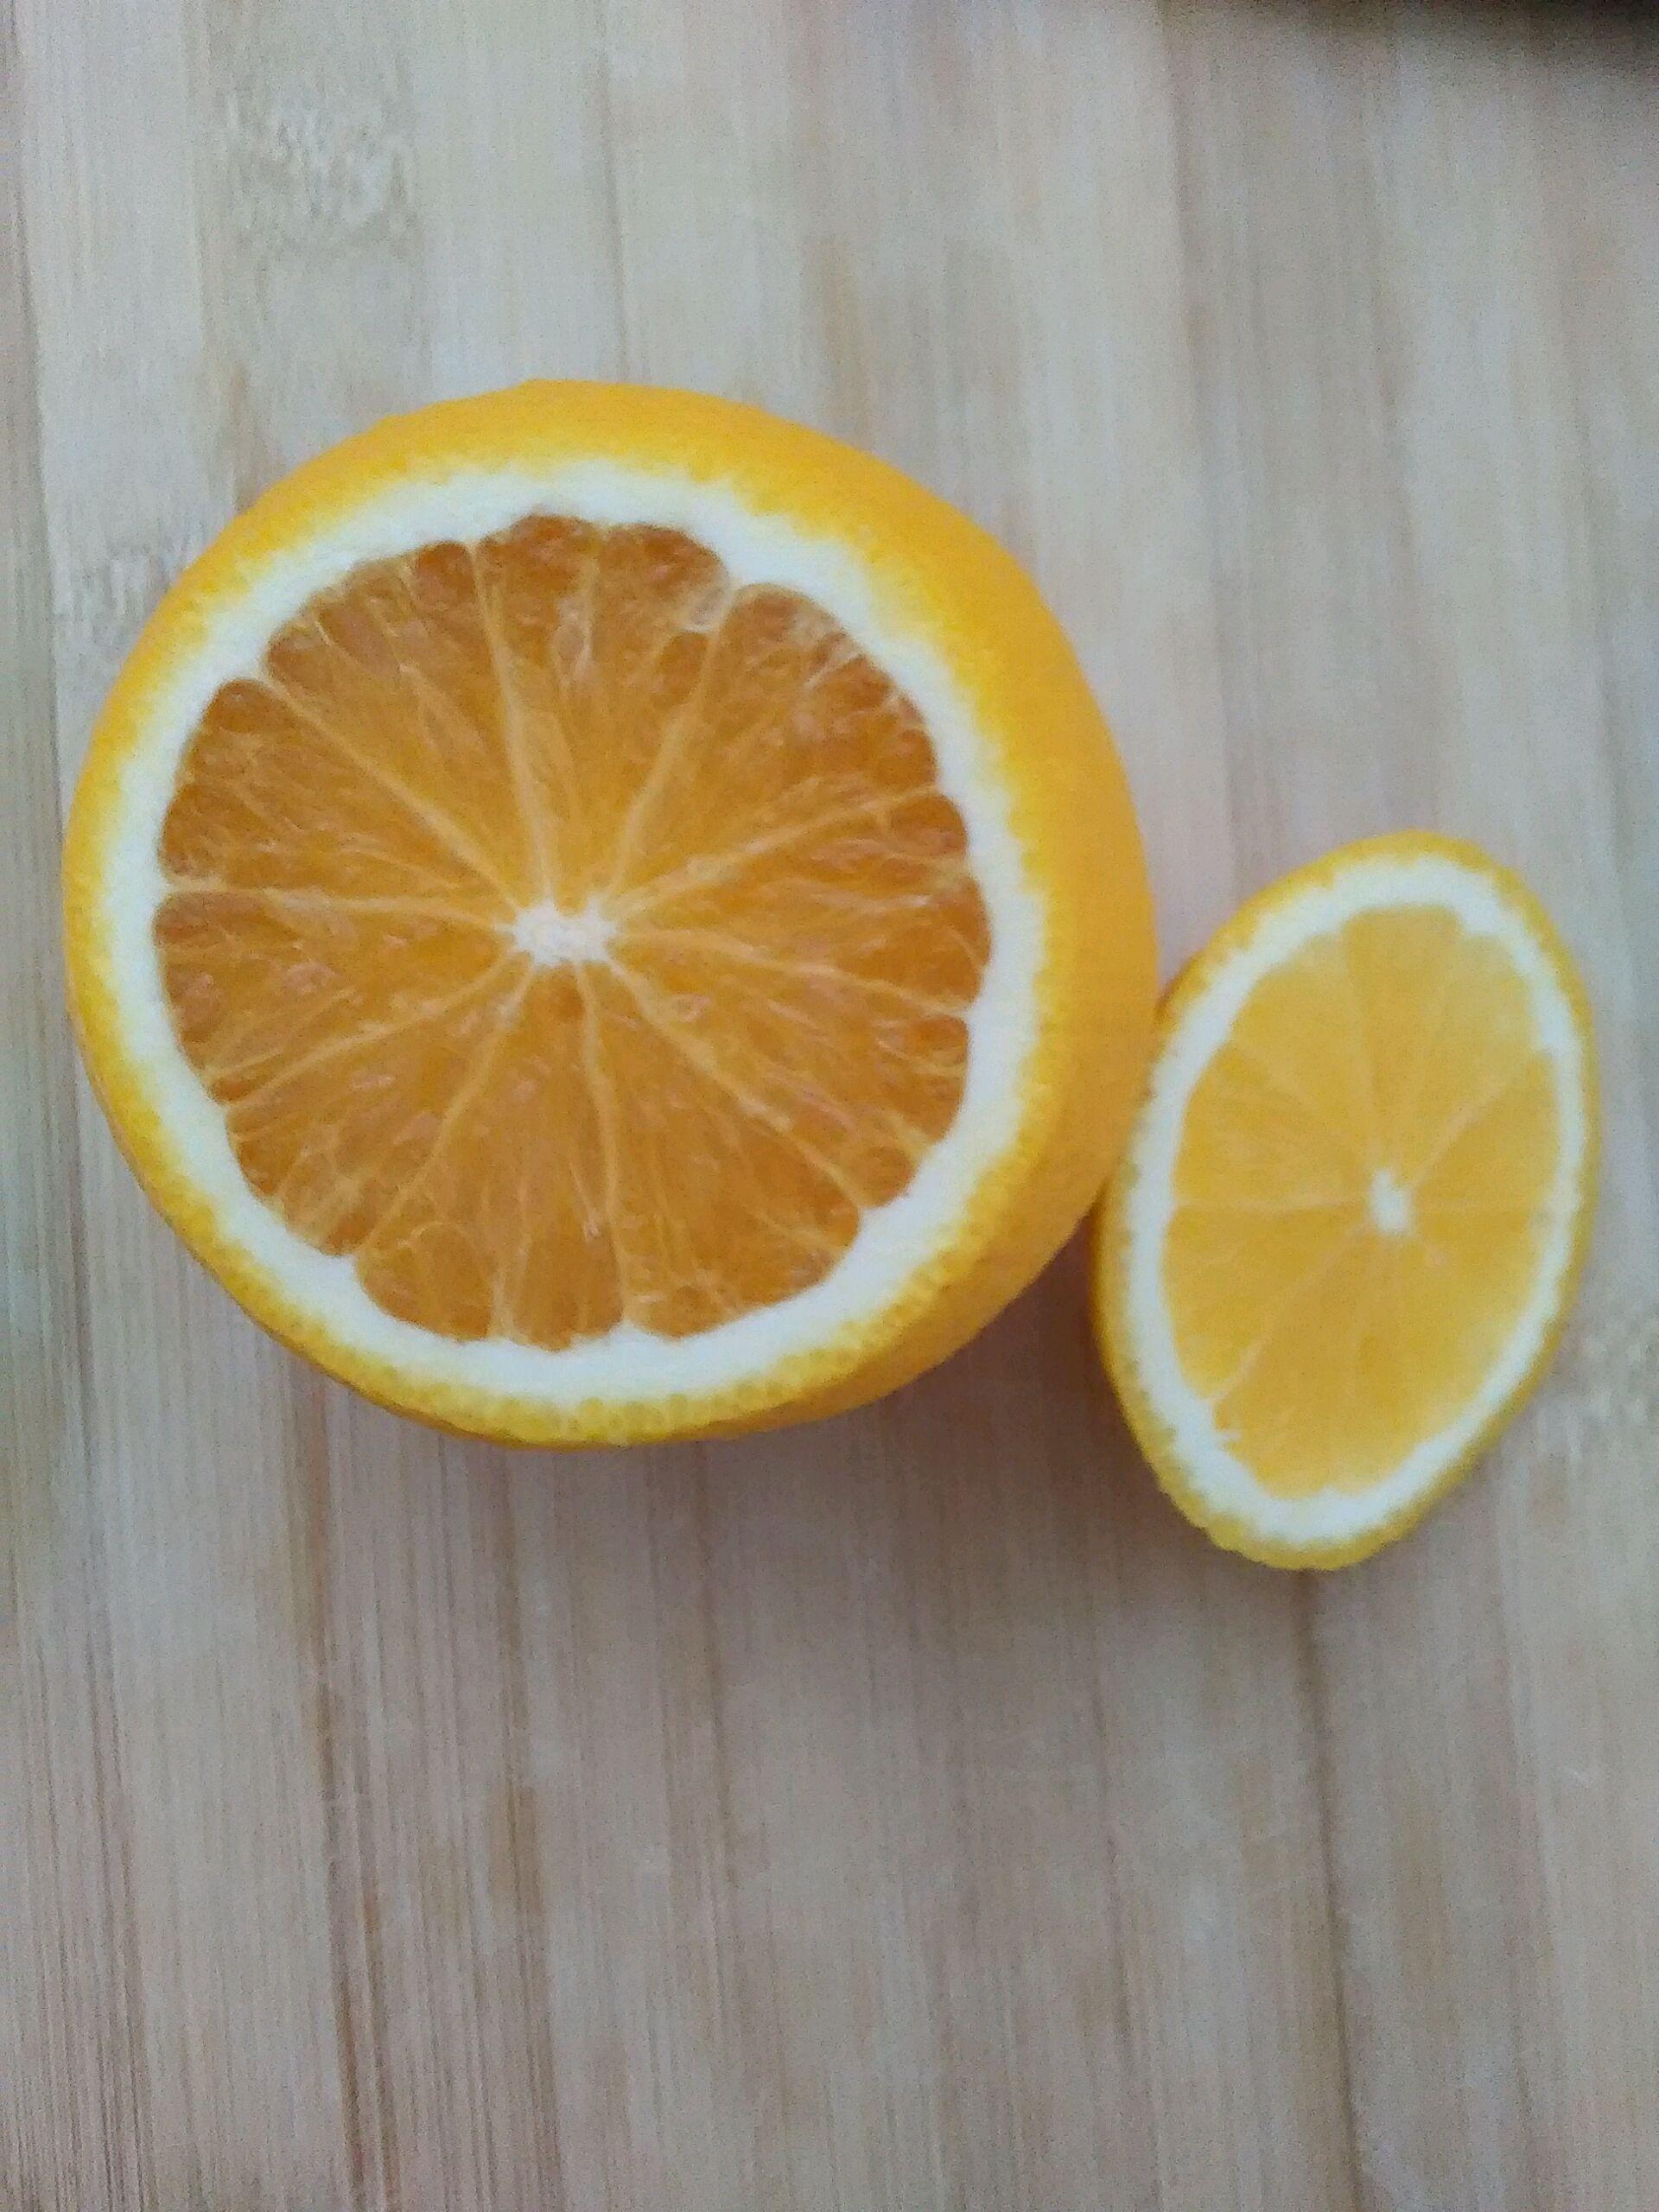 橙子炖蛋的做法步骤 3. 用勺子掏空果肉